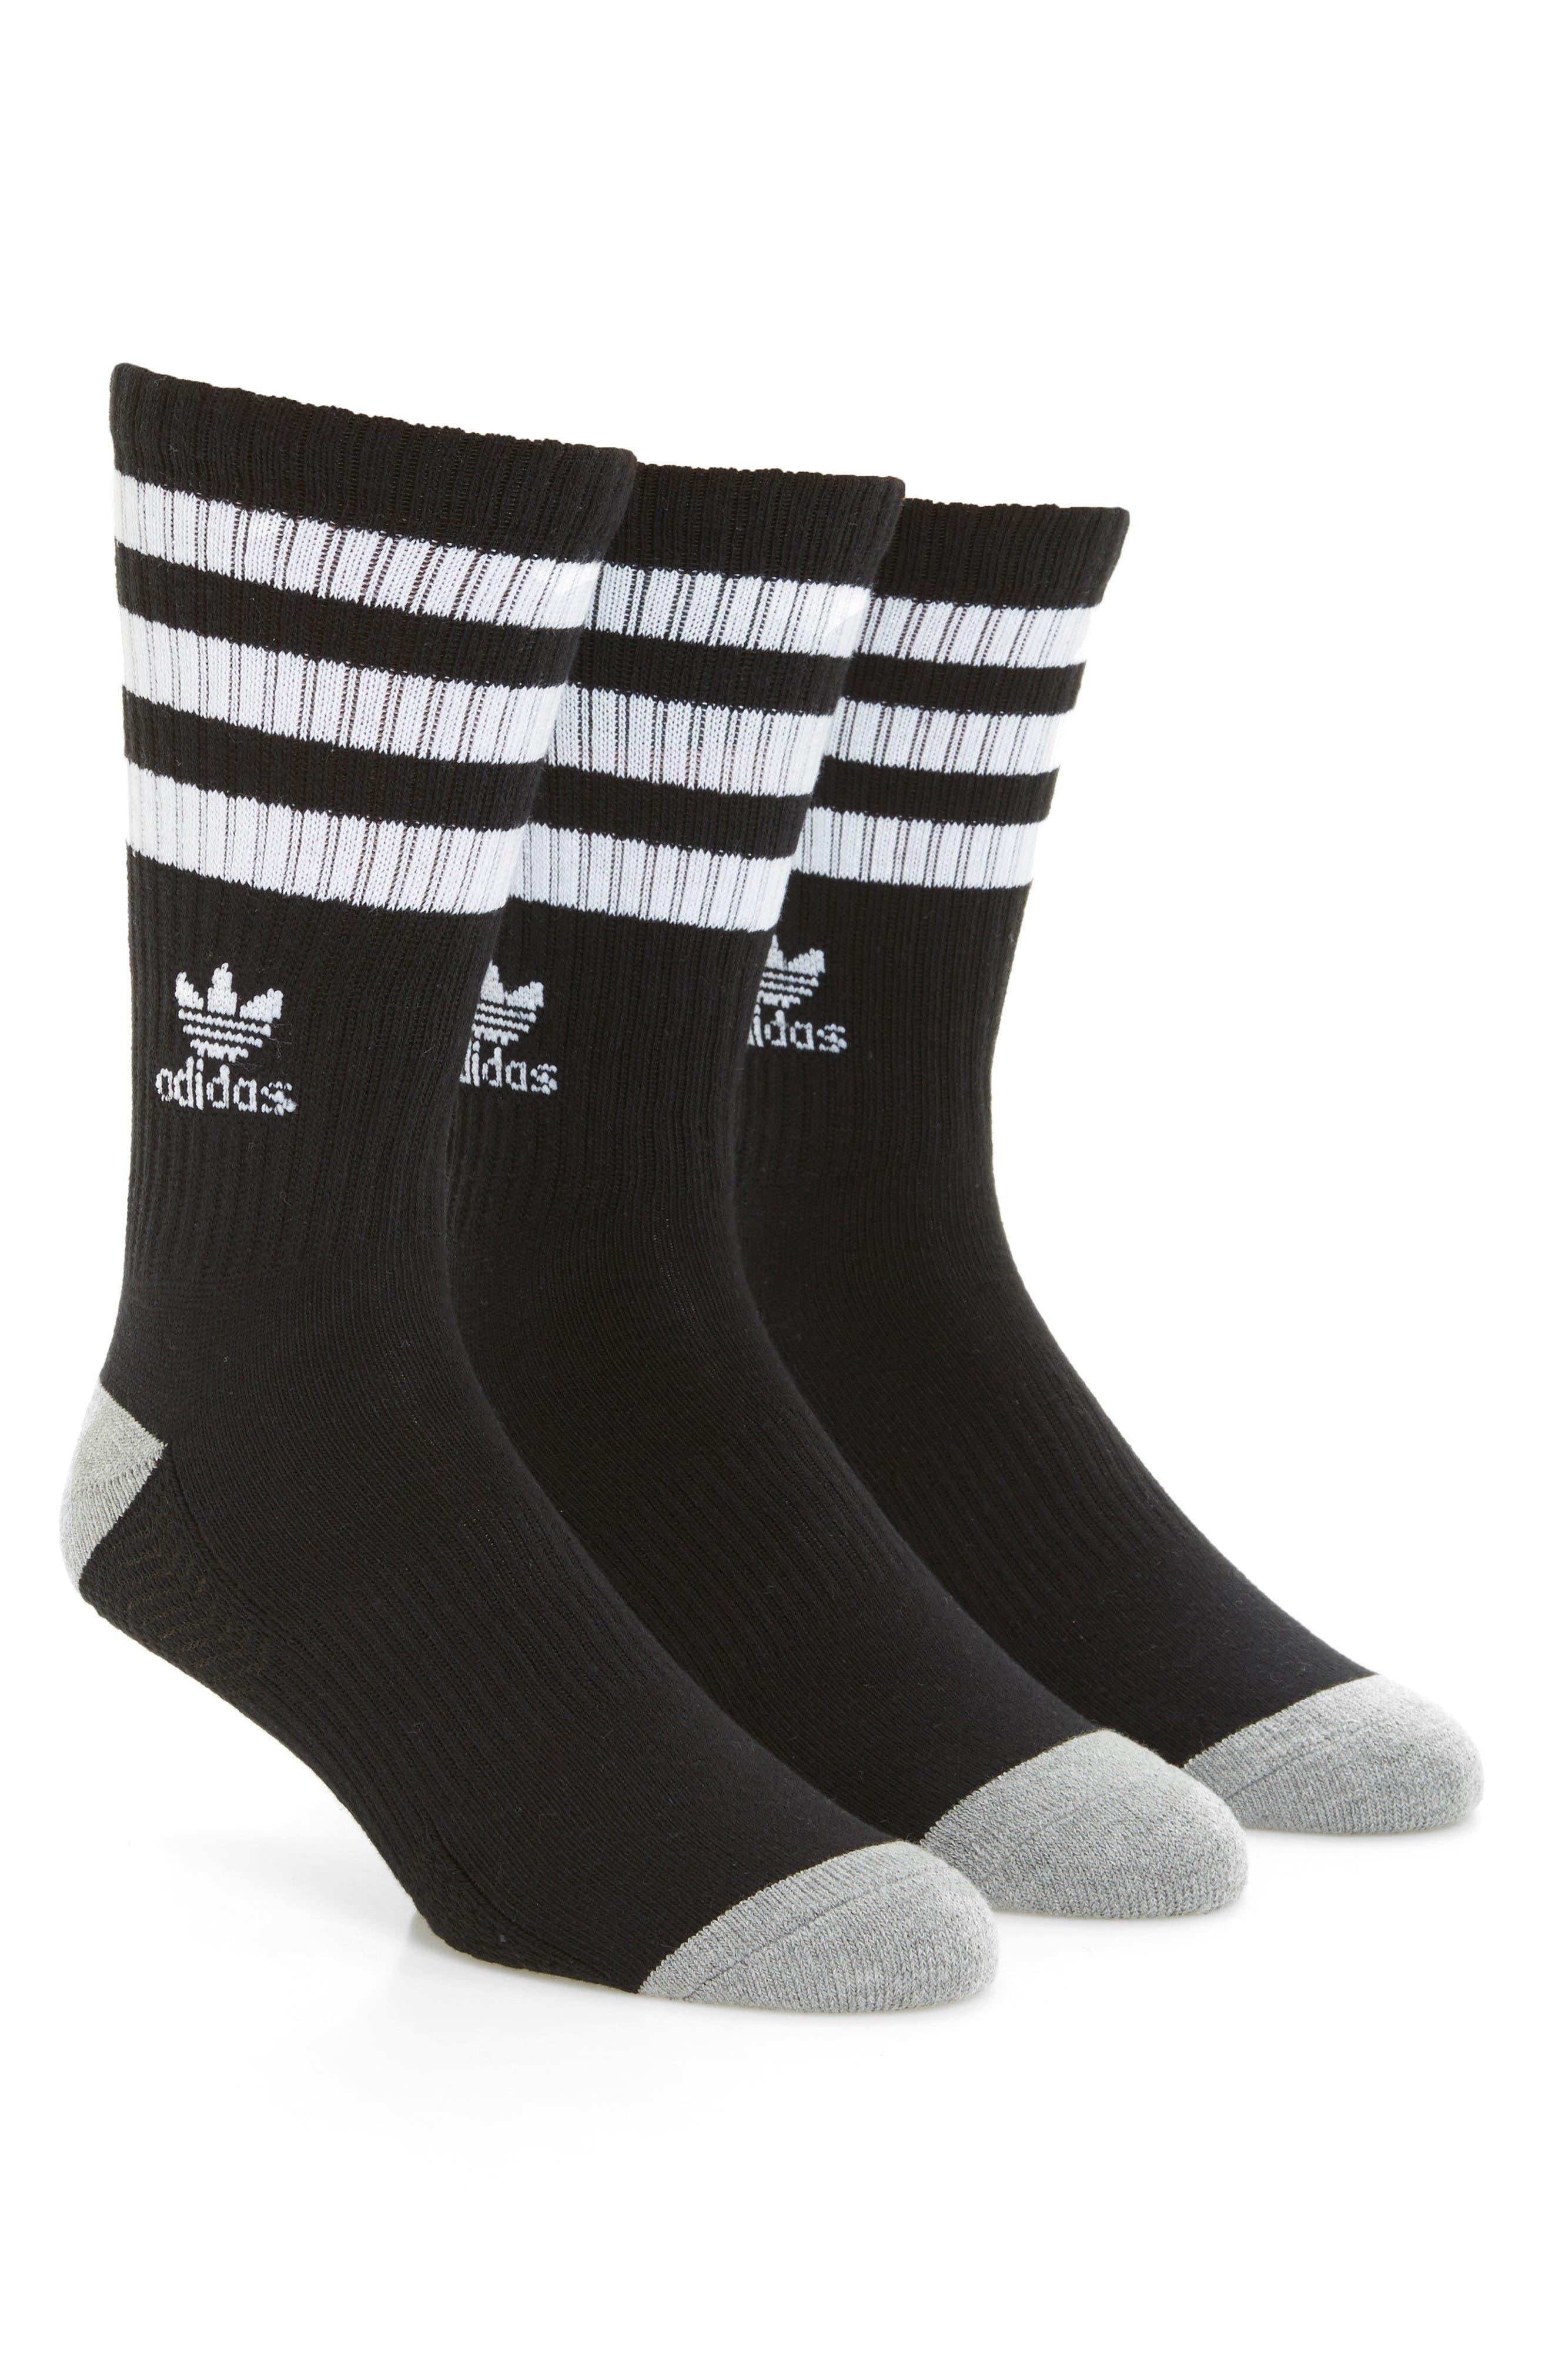 ADIDAS 3-Pack Original Roller Crew Socks